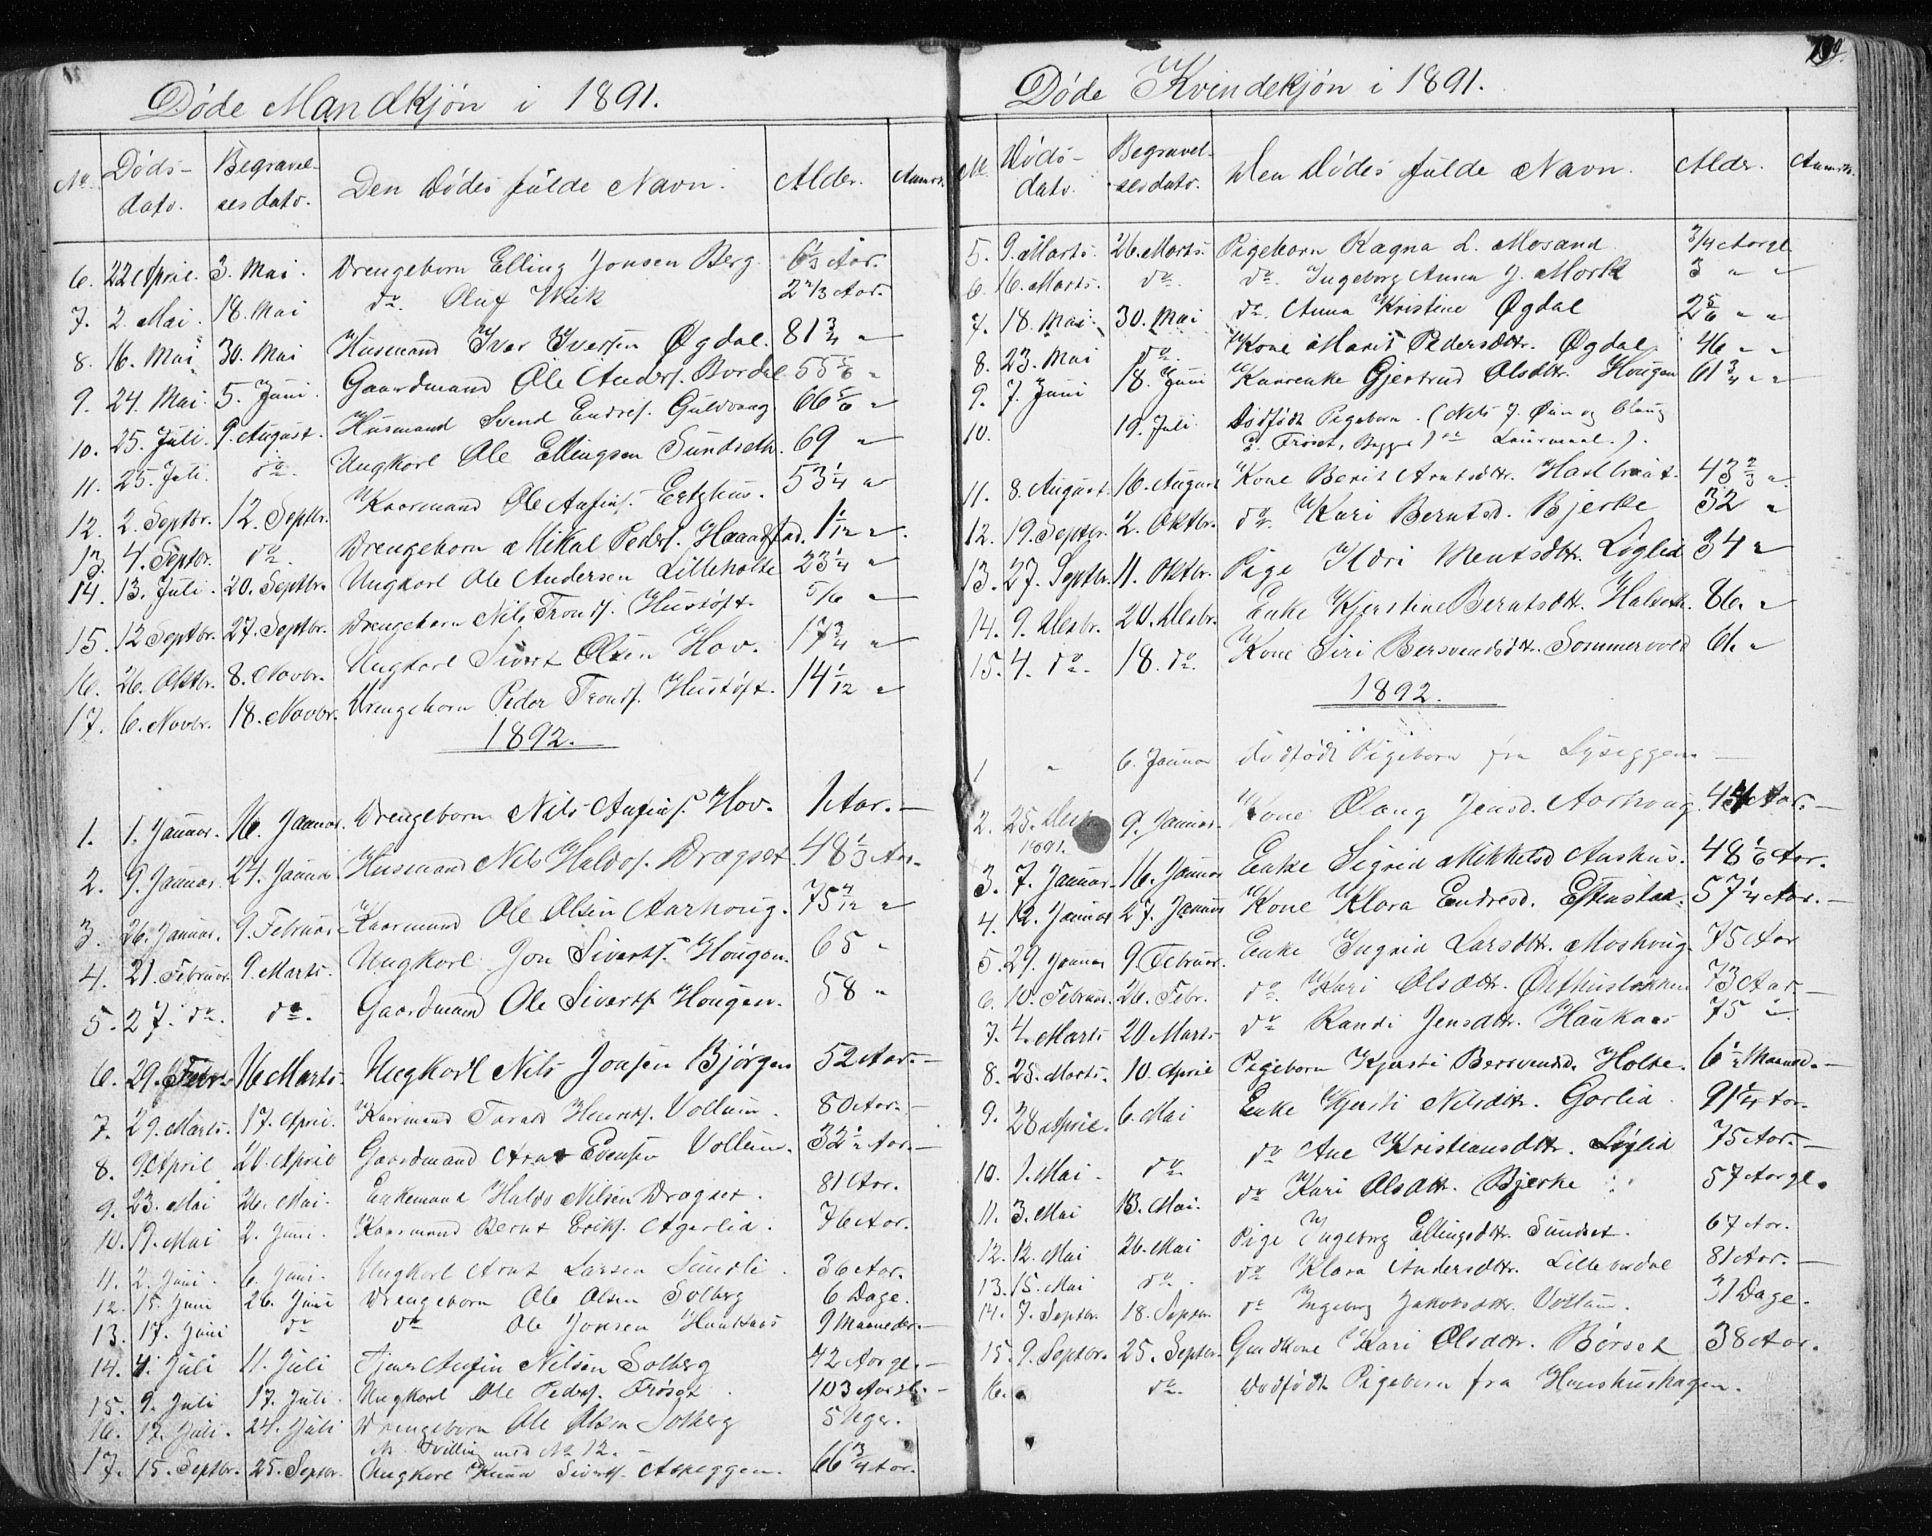 SAT, Ministerialprotokoller, klokkerbøker og fødselsregistre - Sør-Trøndelag, 689/L1043: Klokkerbok nr. 689C02, 1816-1892, s. 199